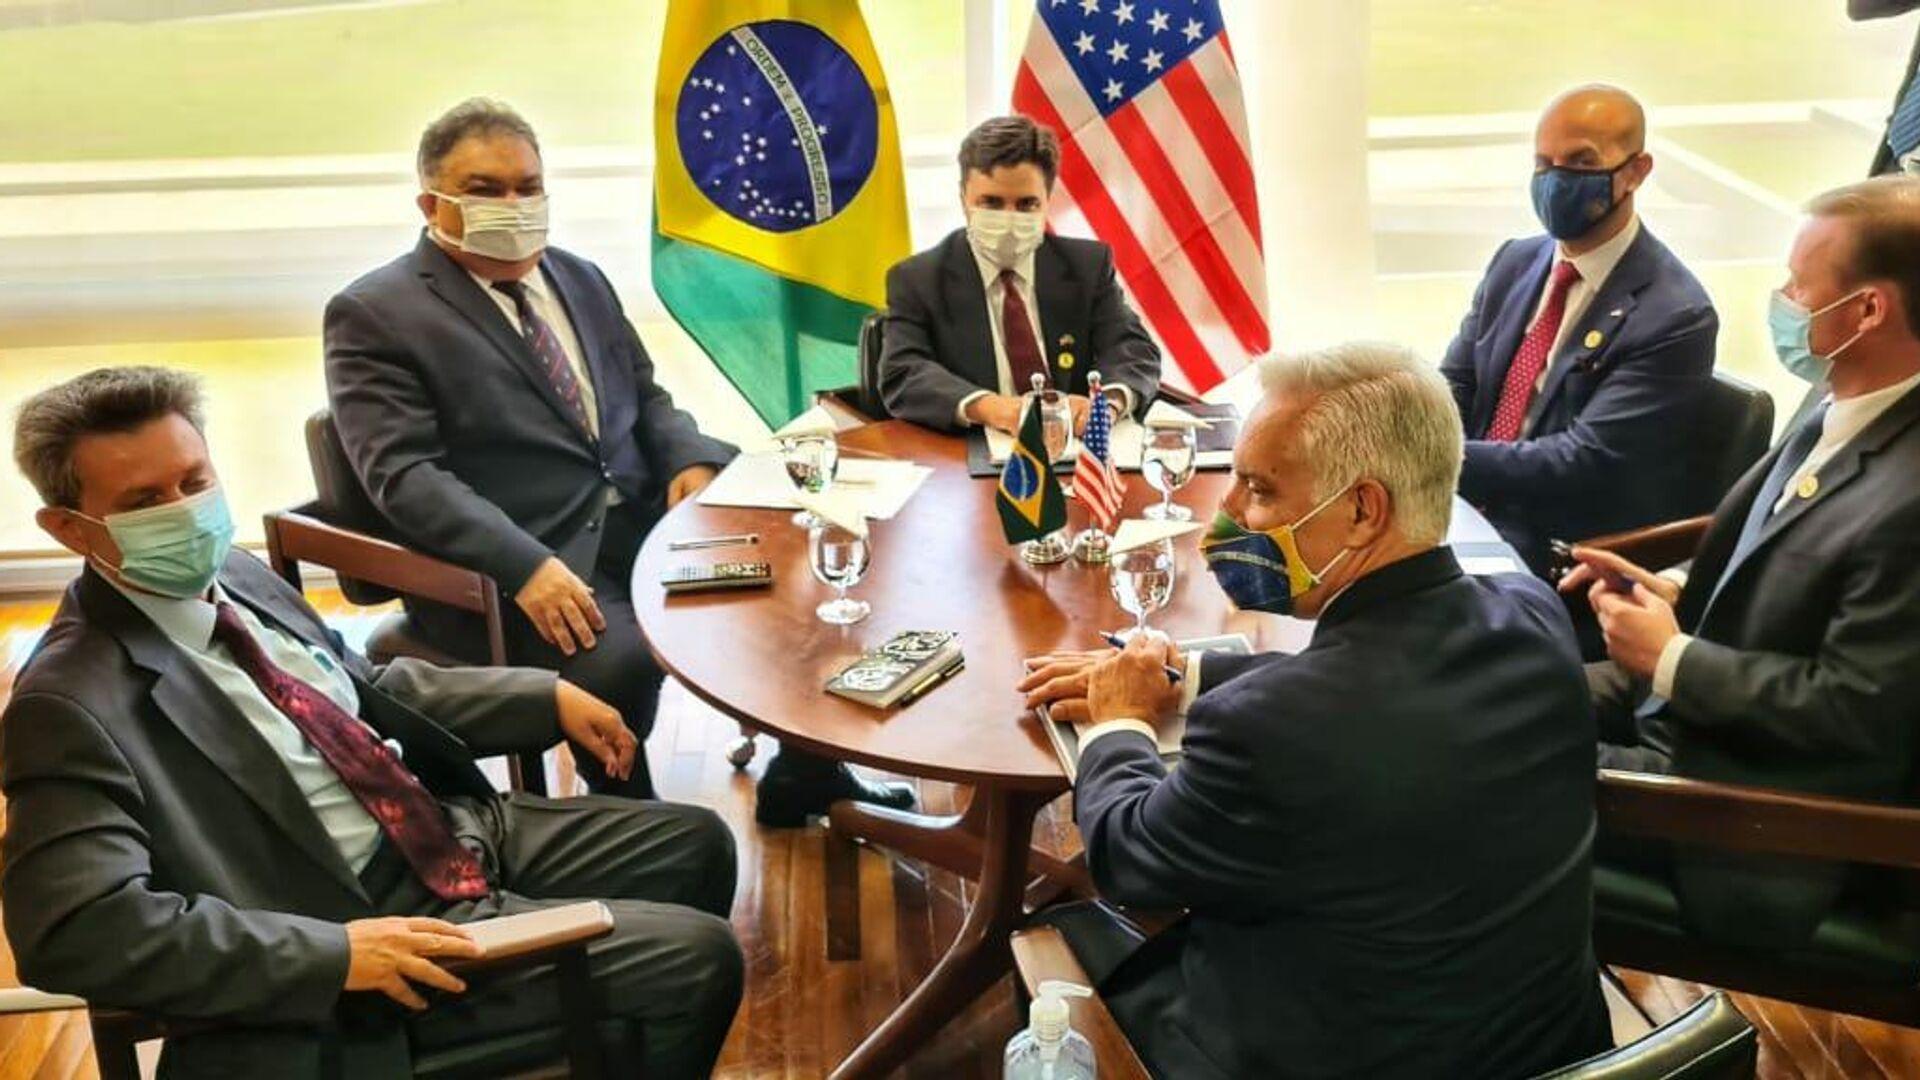 El secretario de Seguridad de EEUU, Jake Sullivan en una reunión con el secretario especial para Asuntos Estratégicos del Gobierno brasileño, Flavio Rocha - Sputnik Mundo, 1920, 05.08.2021